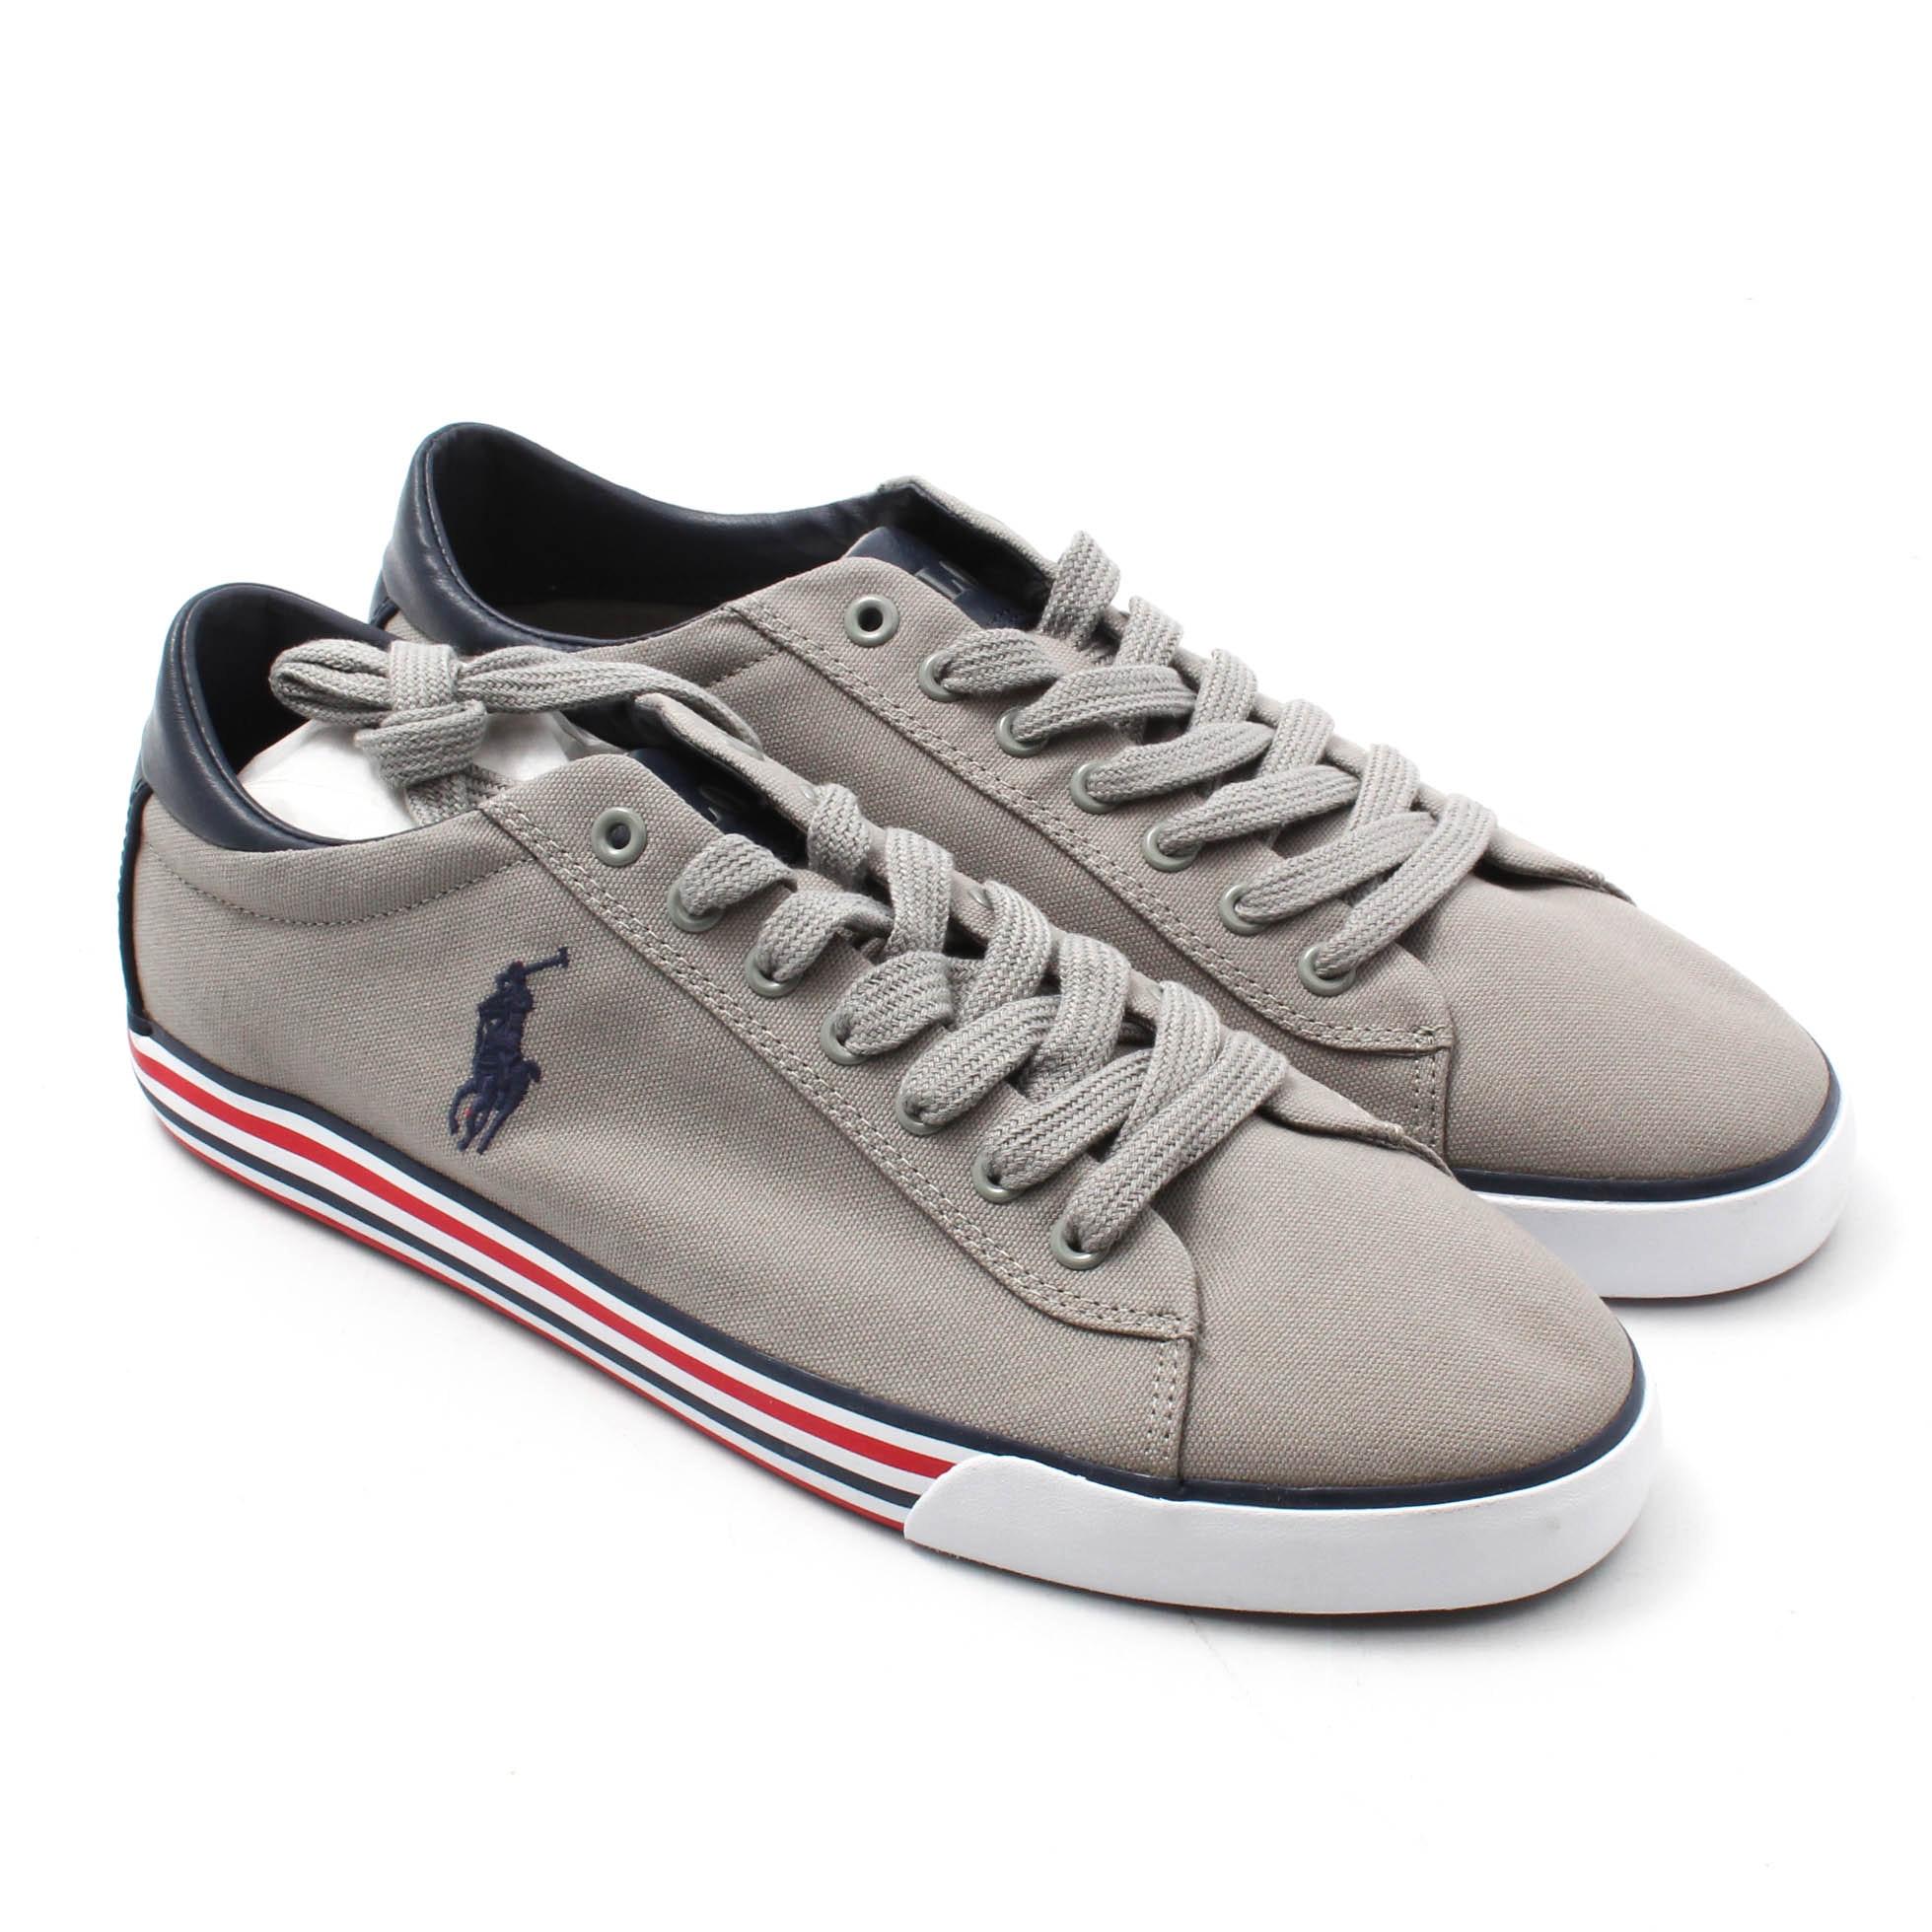 Men's Polo Ralph Lauren Lace-Up Shoes